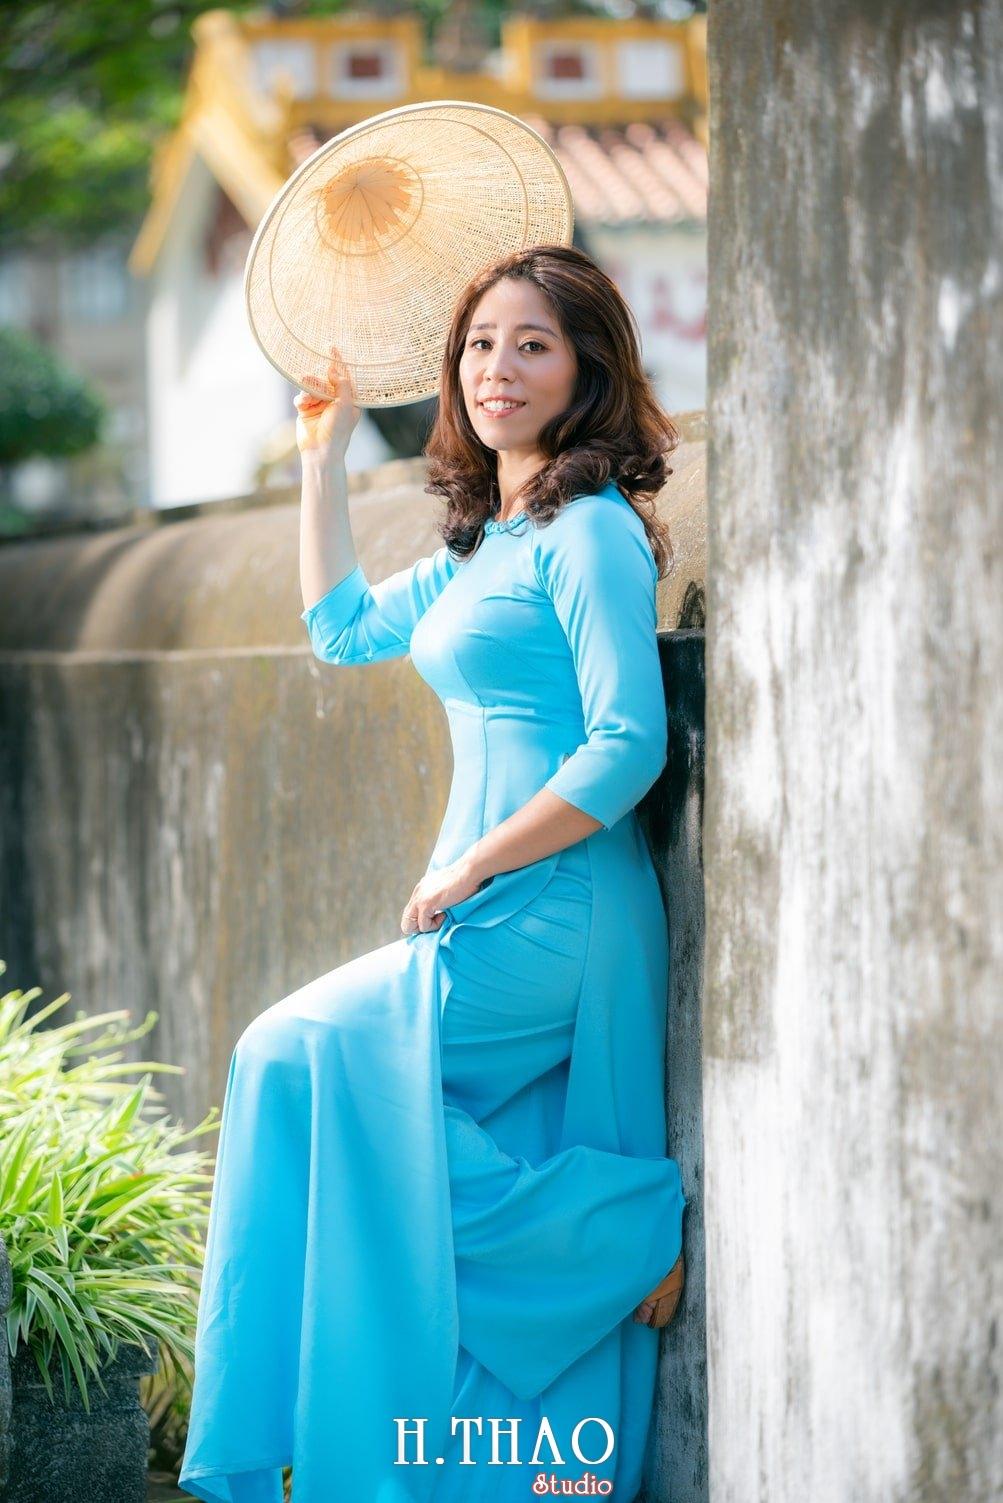 Ao dai lang ong ba chieu 17 - Album áo dài lăng ông bà chiểu chị Oanh - HThao Studio